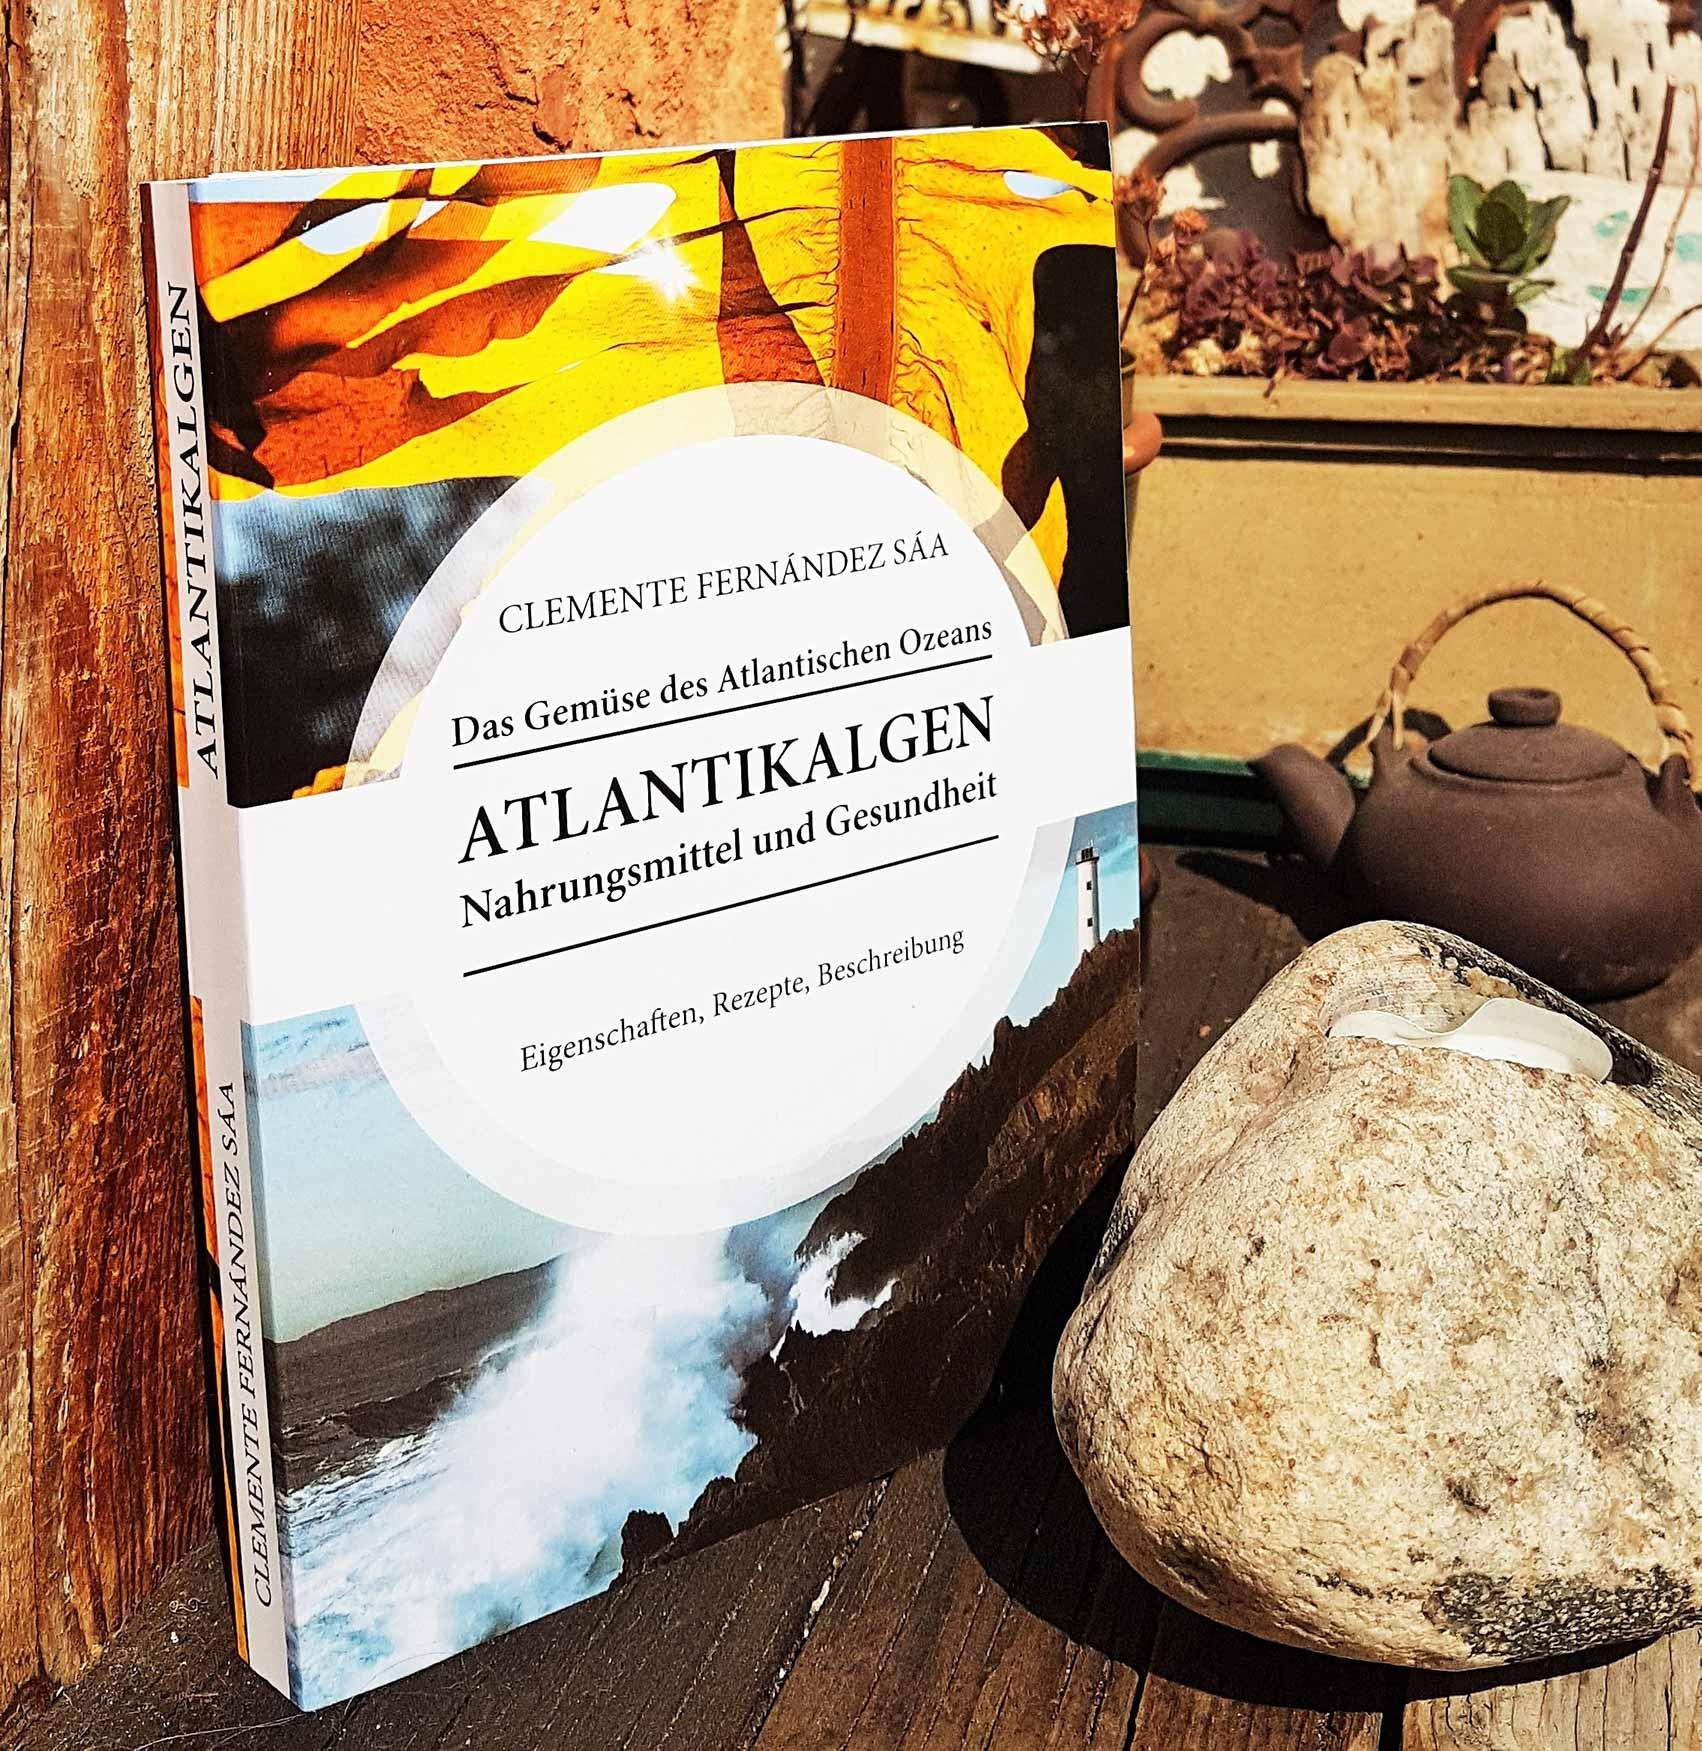 Foto von dem Buch Atlantikalgen und Gesundheit